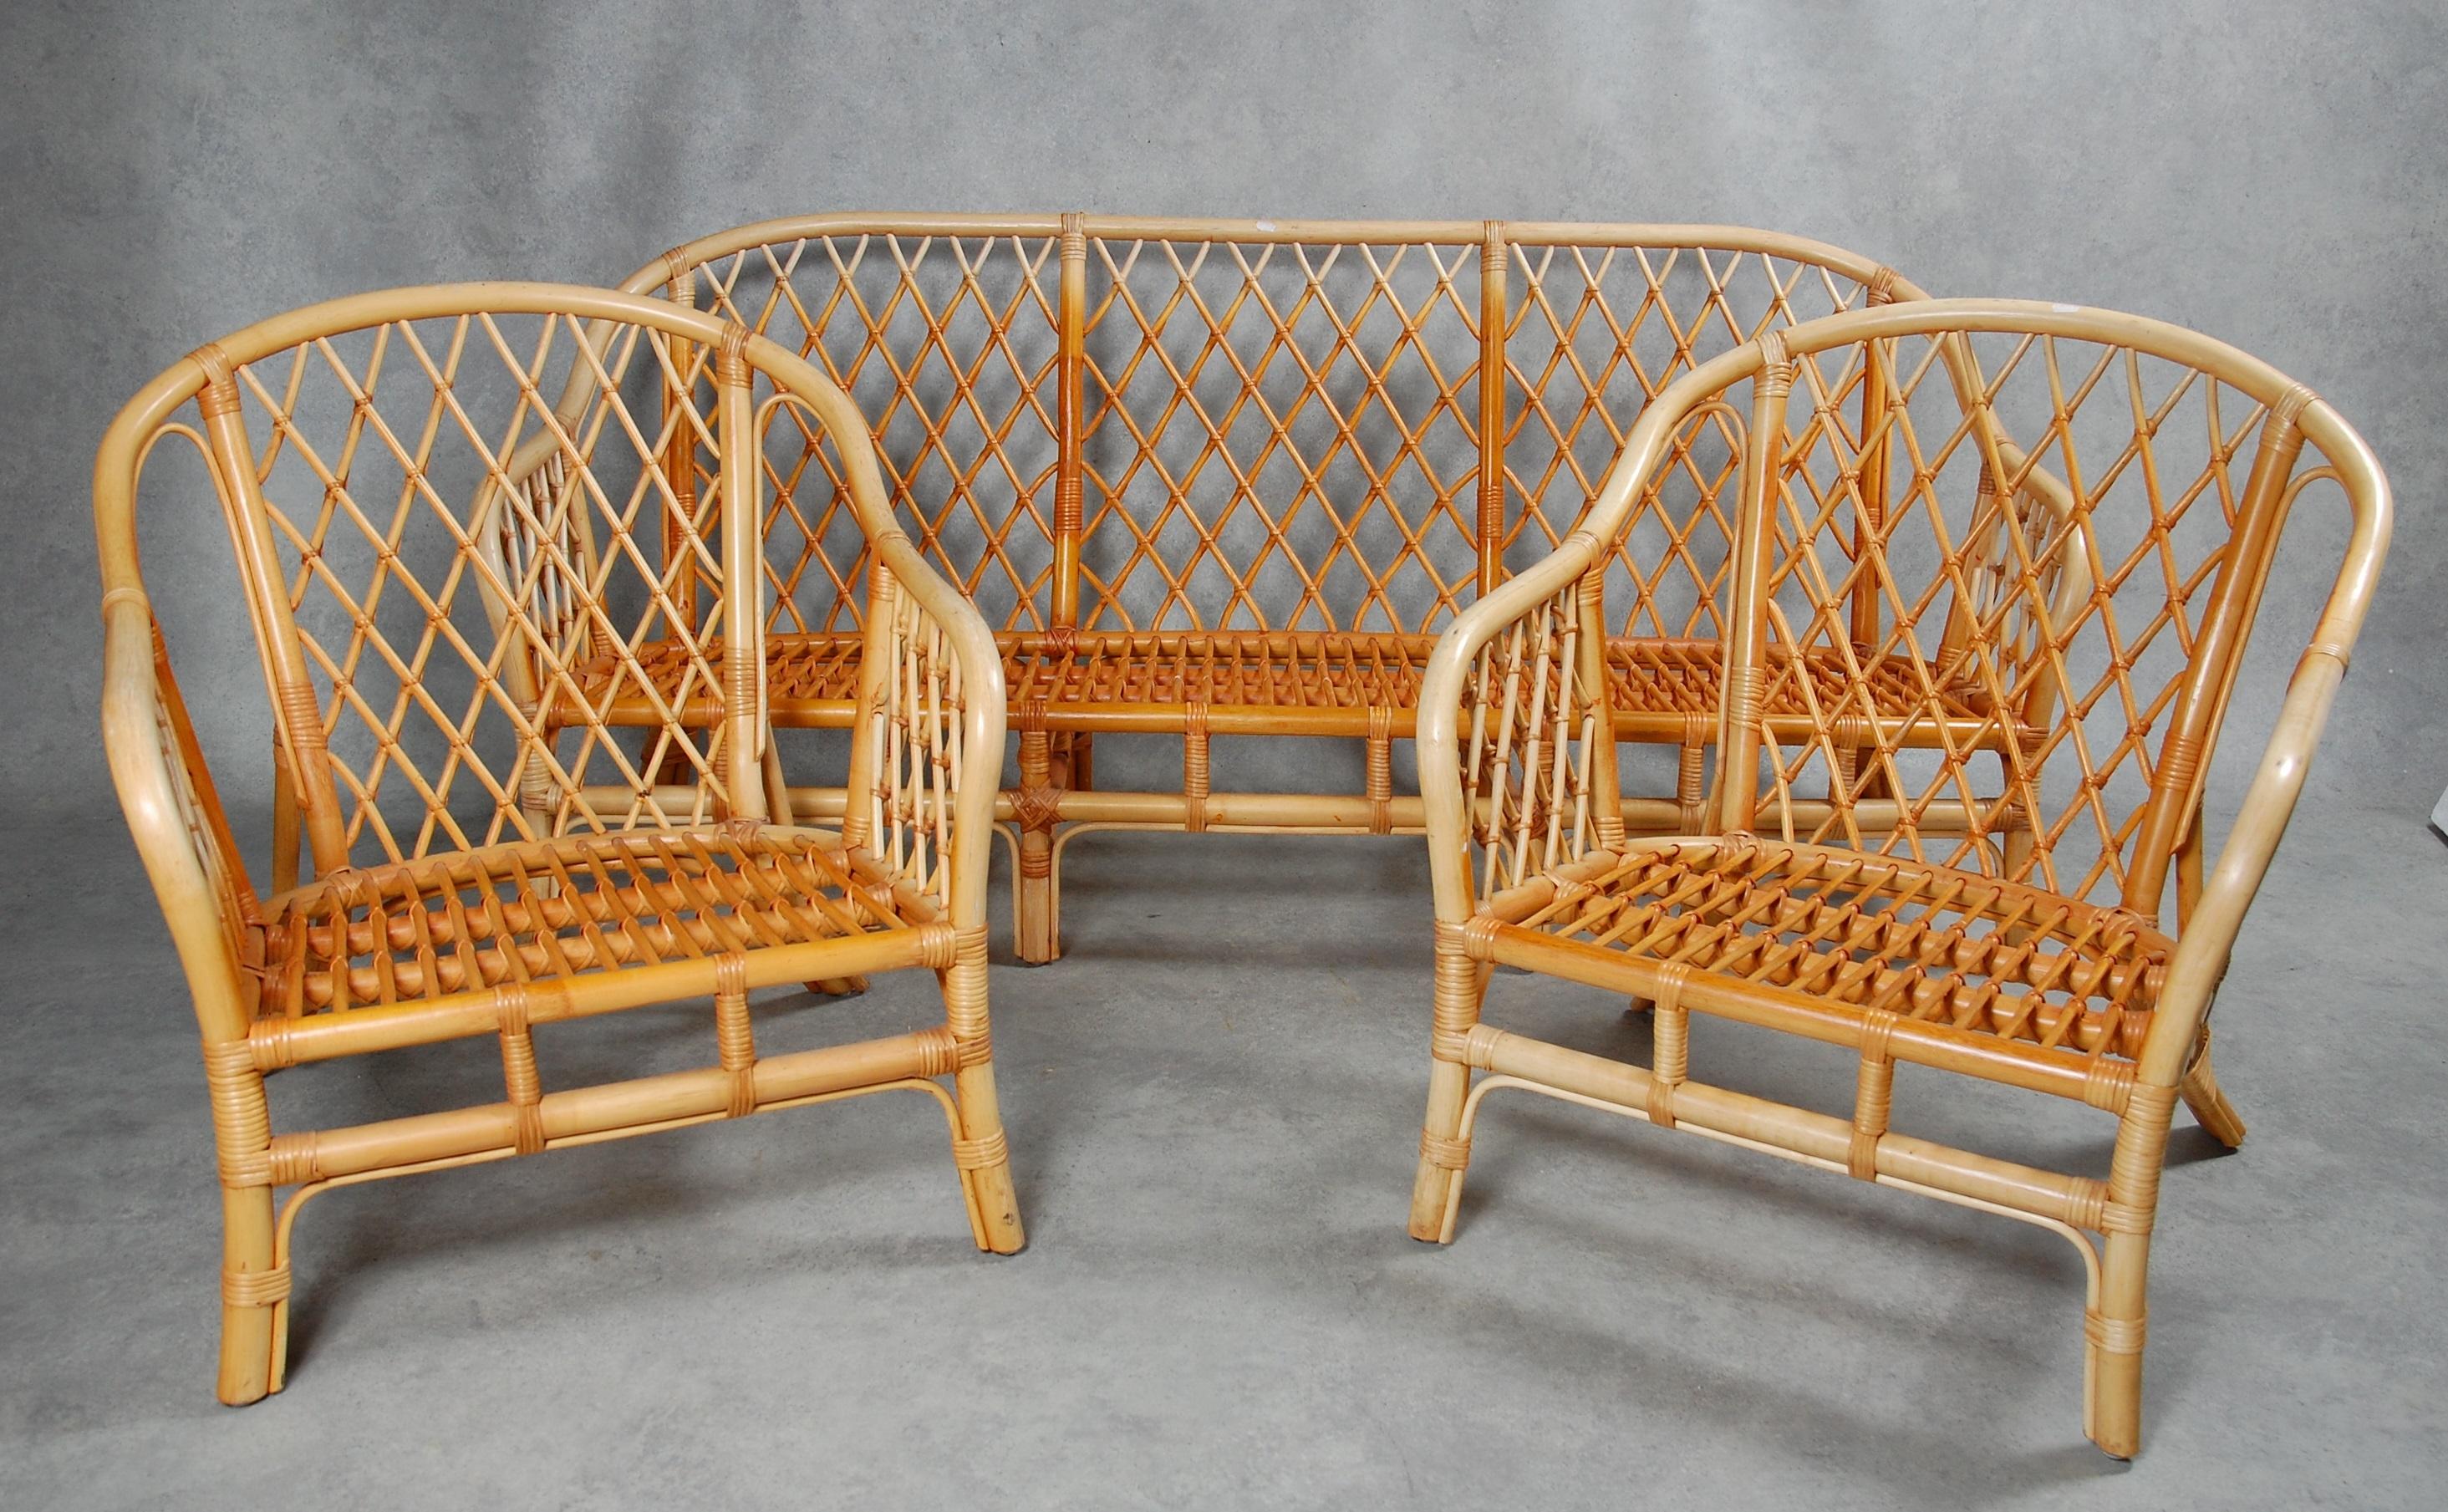 Tradgardsmoblemang 4 Delar Bambu Mobler Tradgardsmobler Auctionet